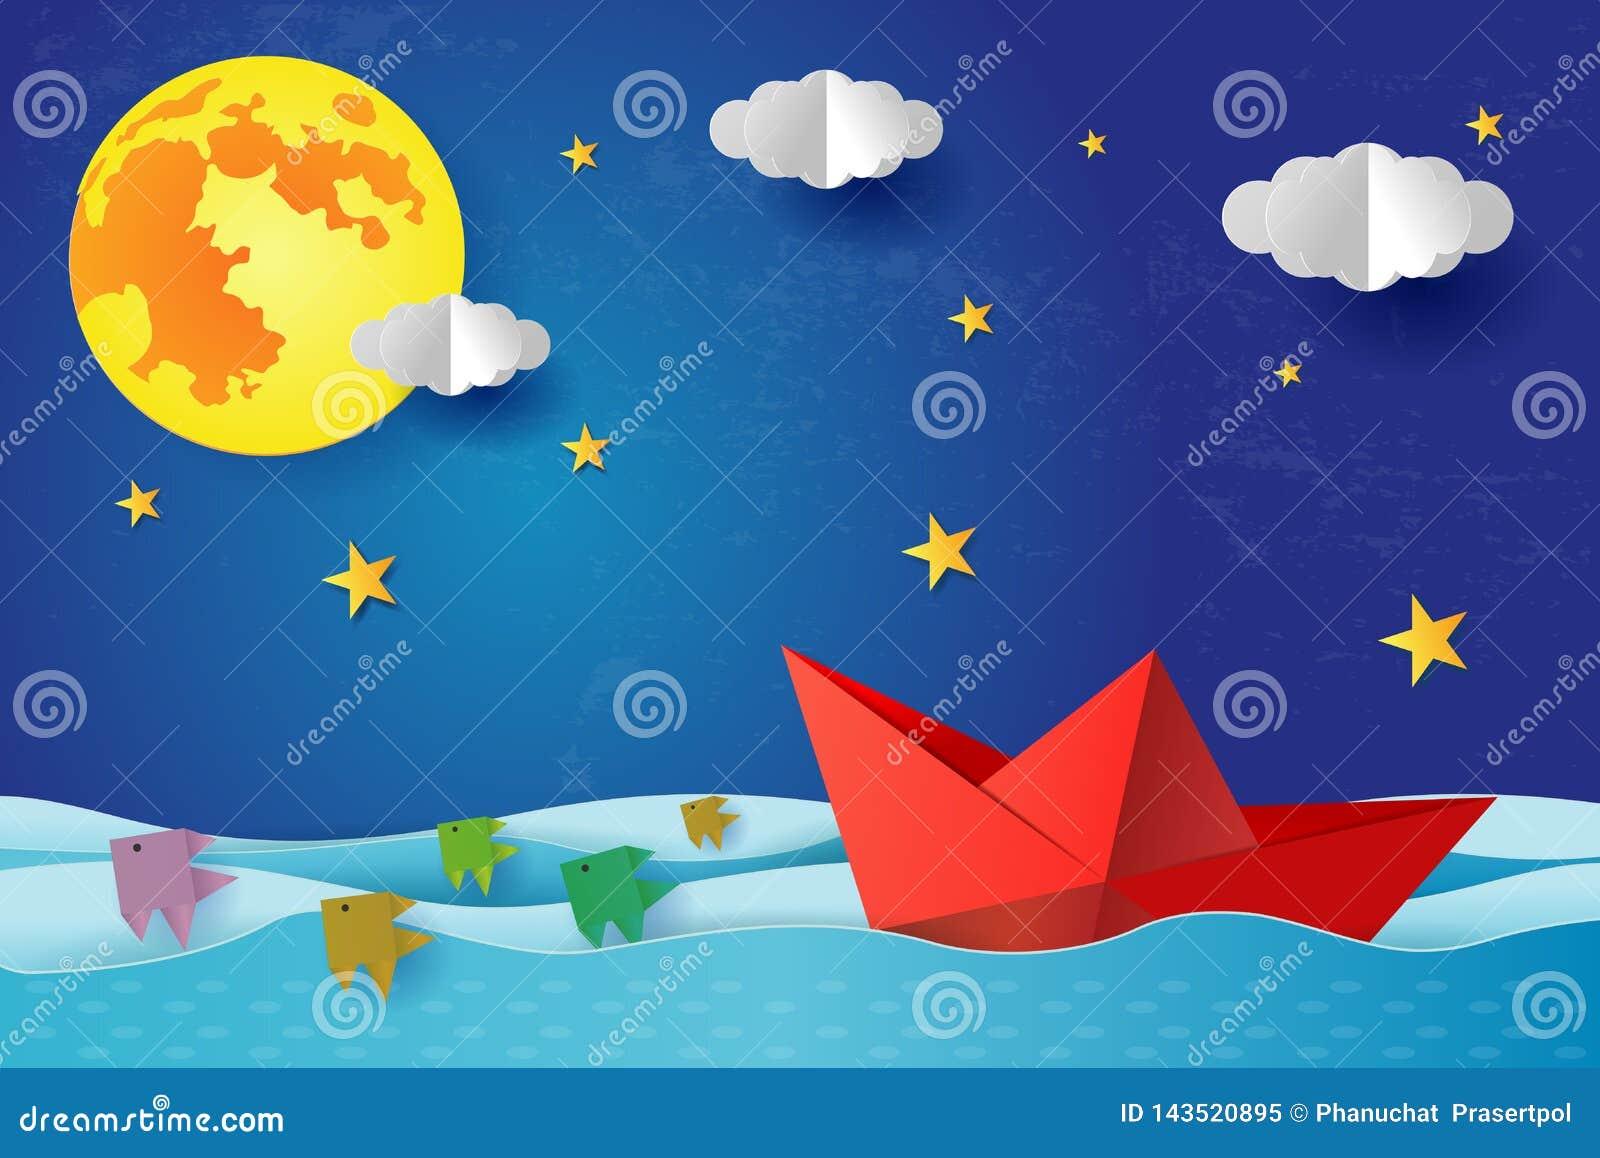 E Seascape surreal com a Lua cheia com nuvens e estrela, arte de papel